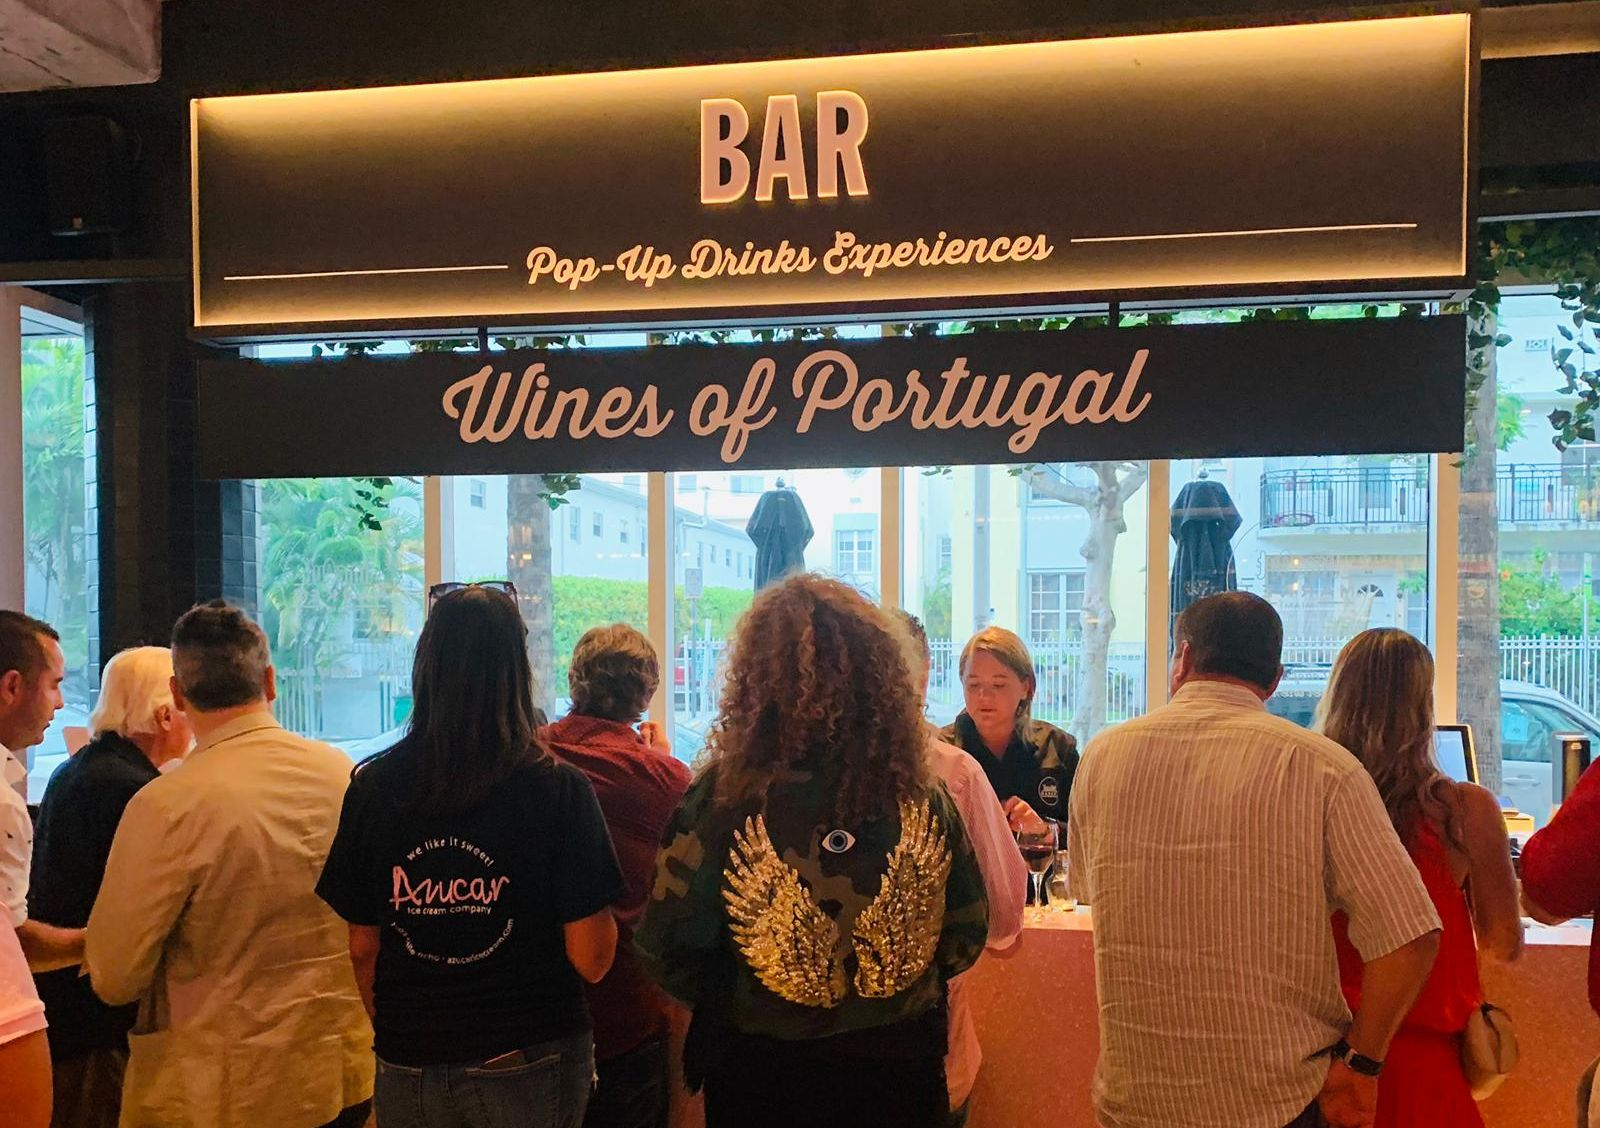 vinhos portugueses_timeoutmiami (1)